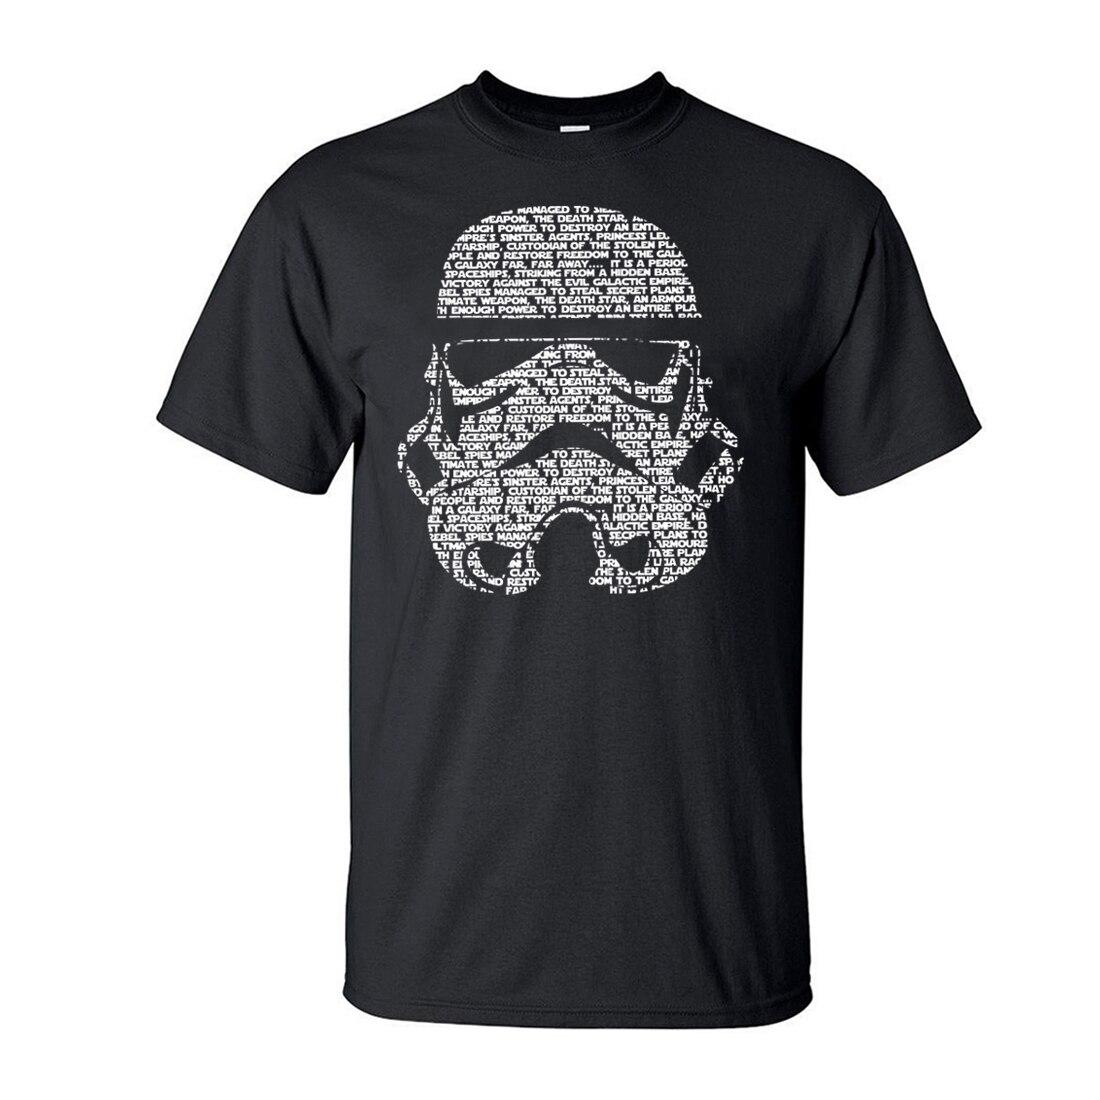 Men T Shirt 2019 Summer Fashion Star Wars Yoda/Darth Vader Streetwear T-Shirt Men's Casual T Shirts Masks Words Hip Hop Tops Tee(China)